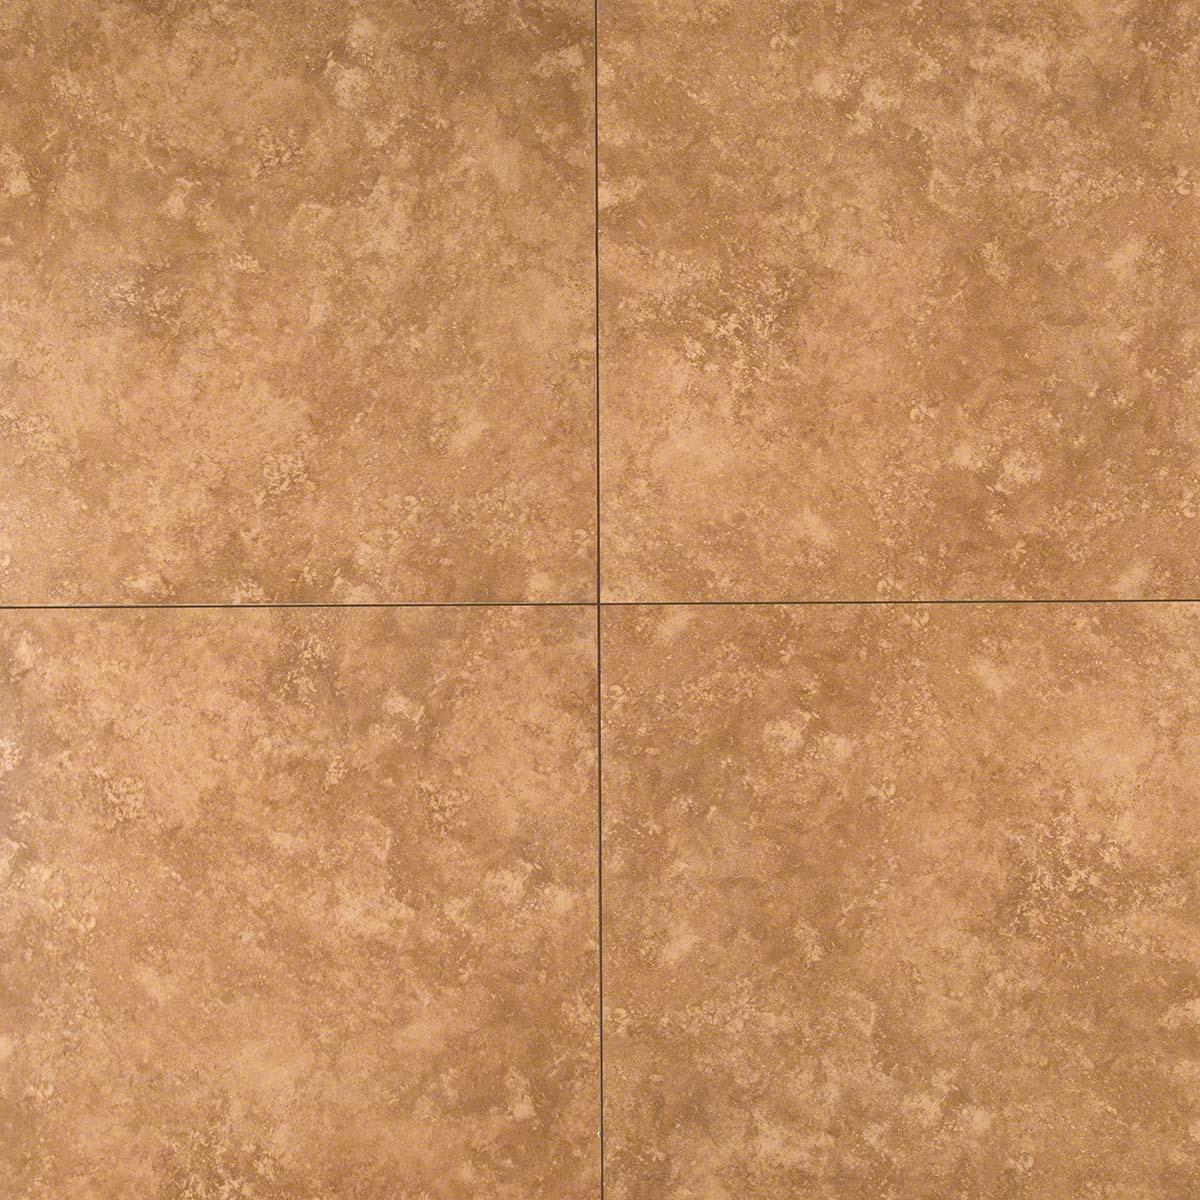 Baja Tan 20X20 Matte Ceramic Tile